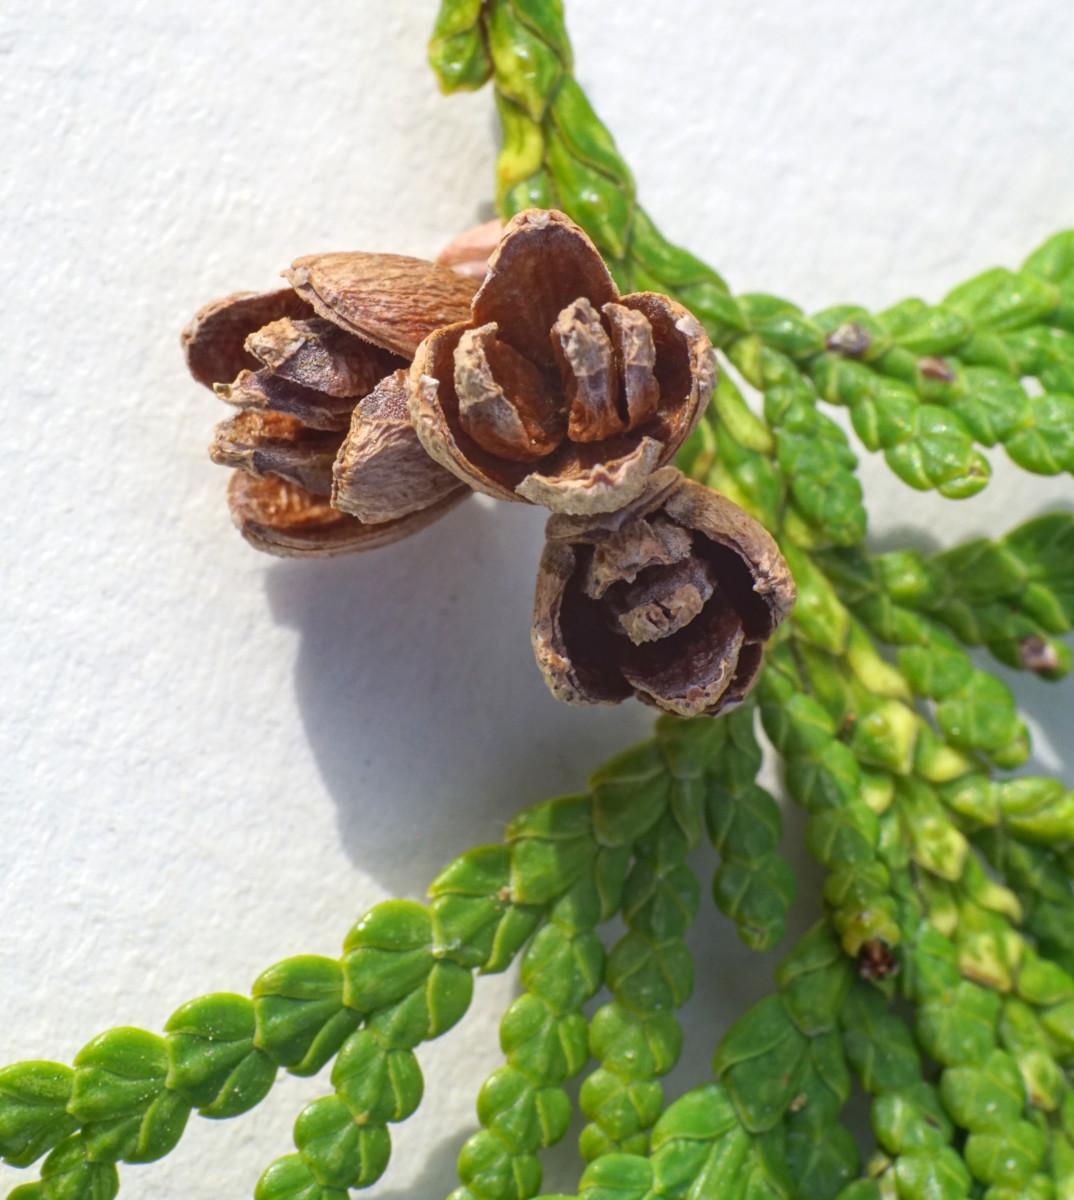 NORTHERN WHITE CEDAR TREE / ARBORVITAE TREE SEED CONES (Female)